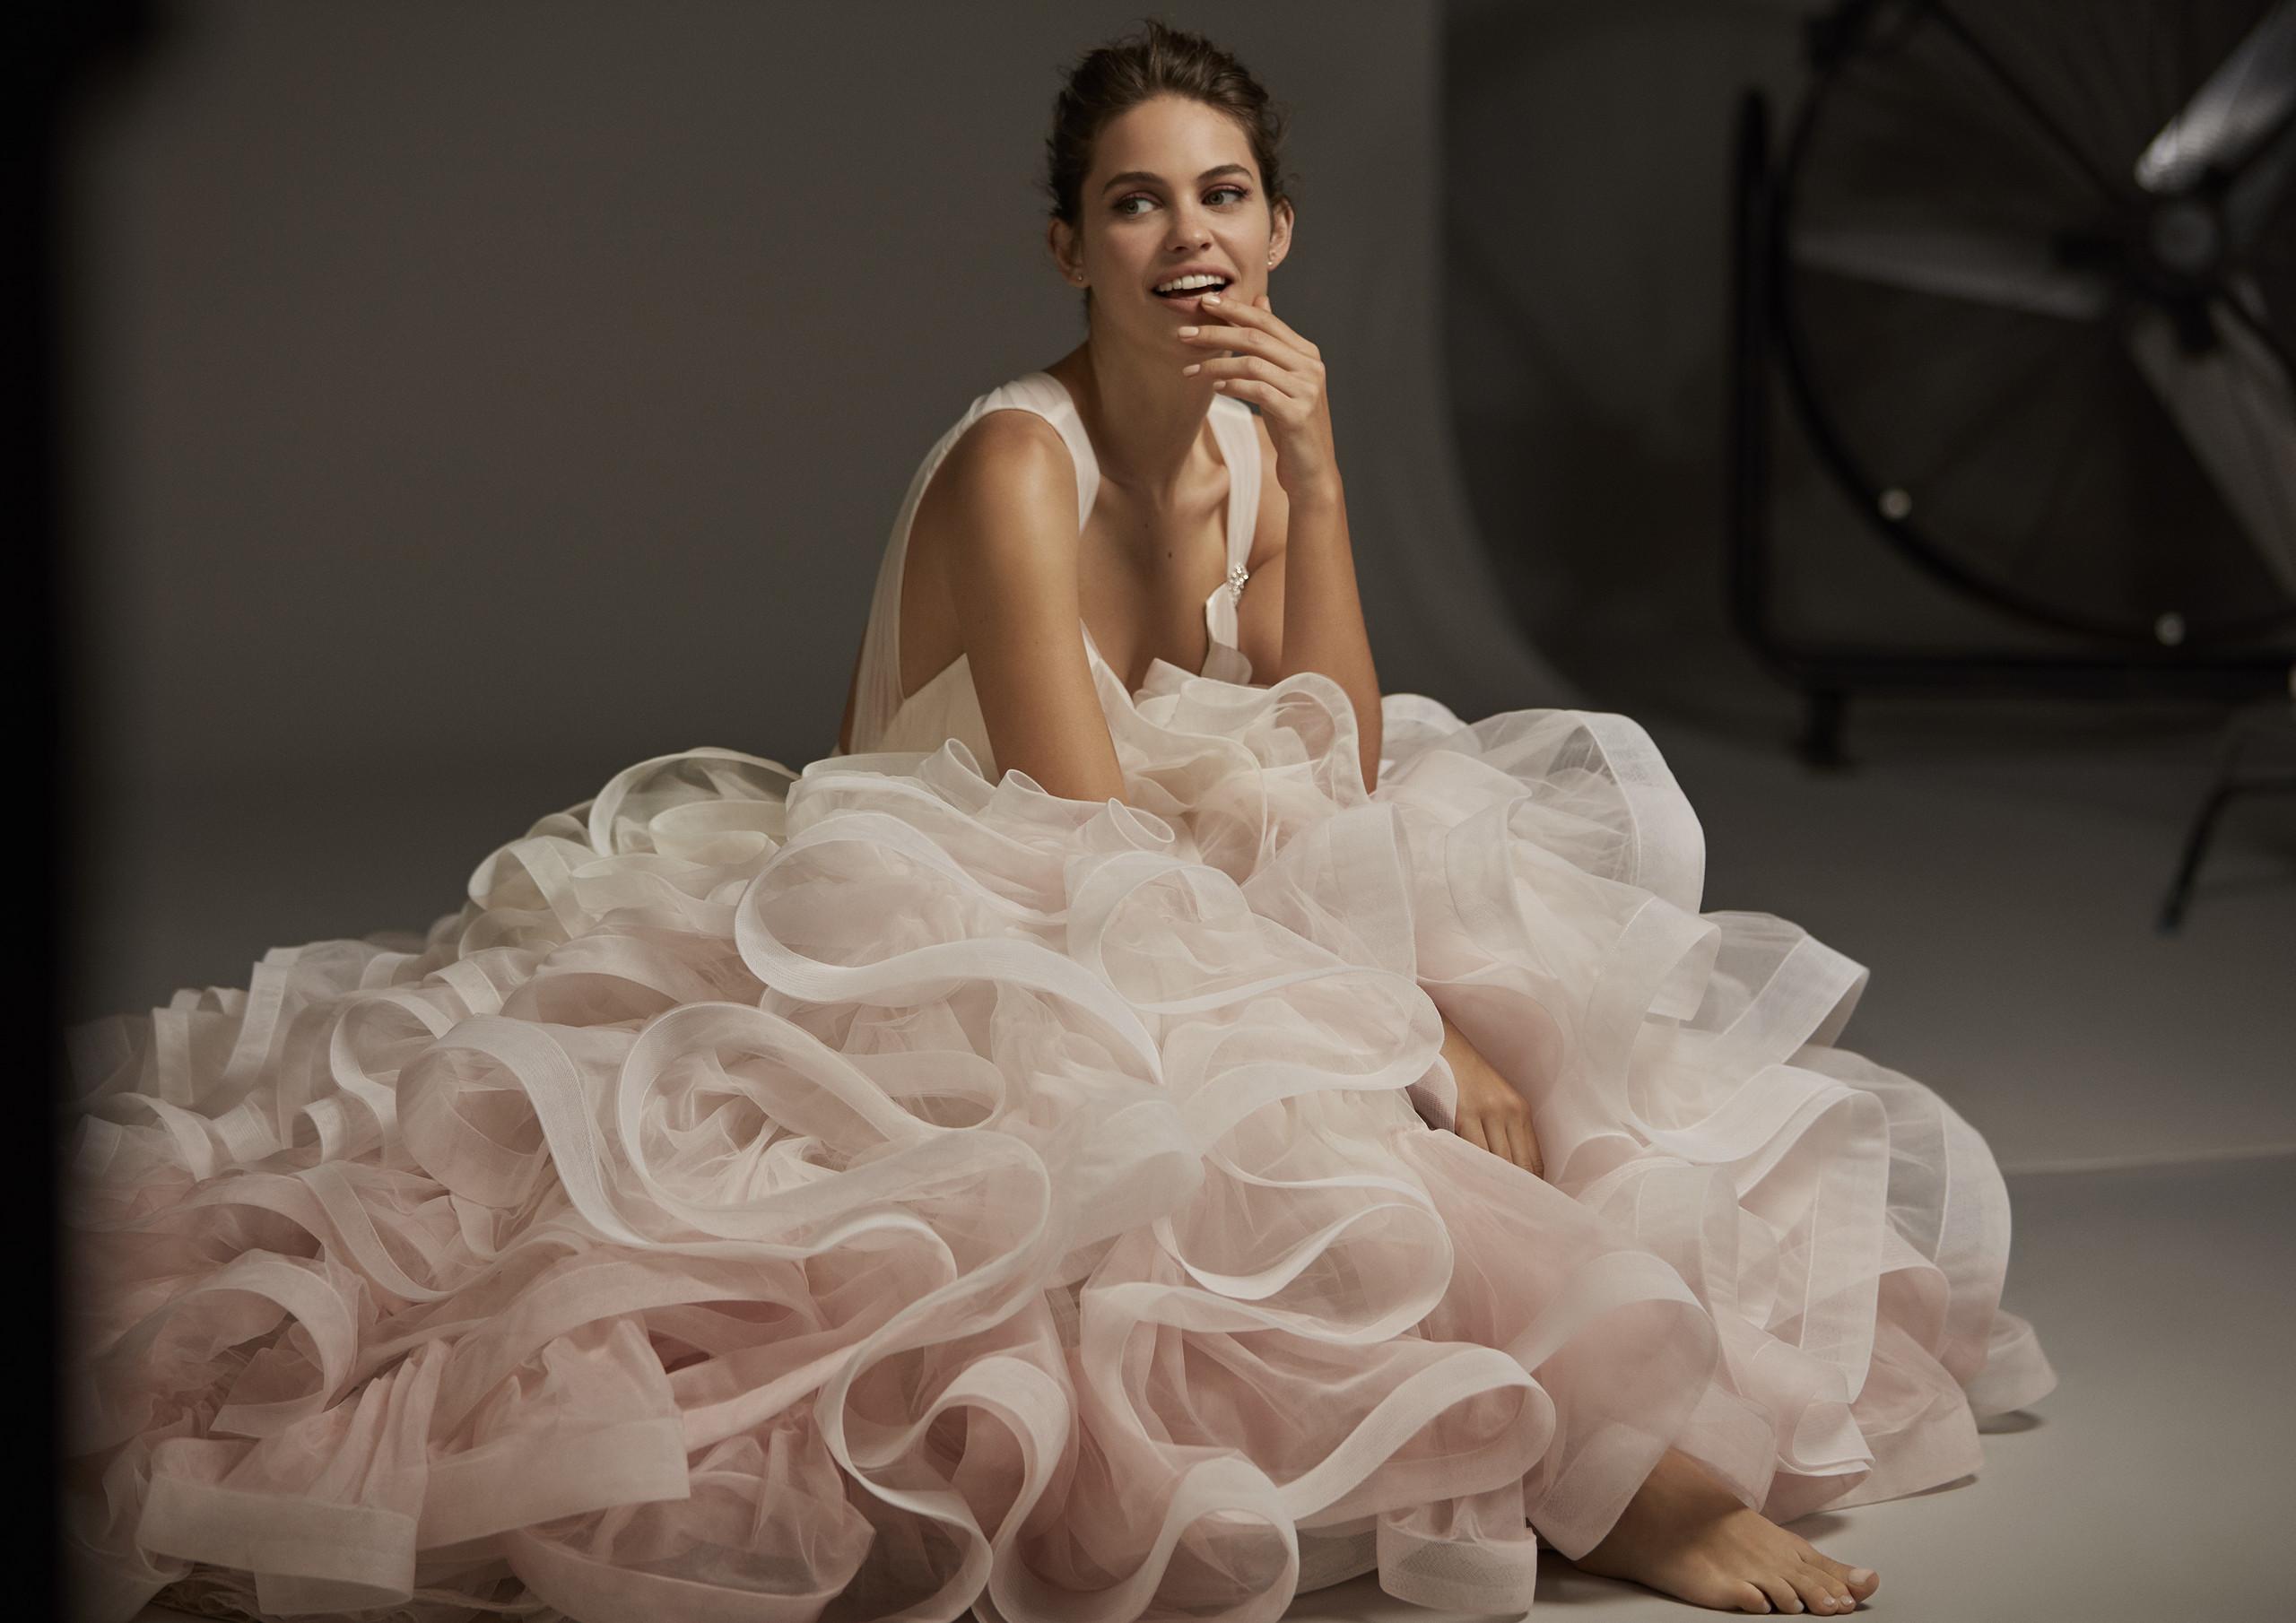 La colección 2020 de Pronovias tiene vestidos hasta la talla 64 bcdc88c851d1